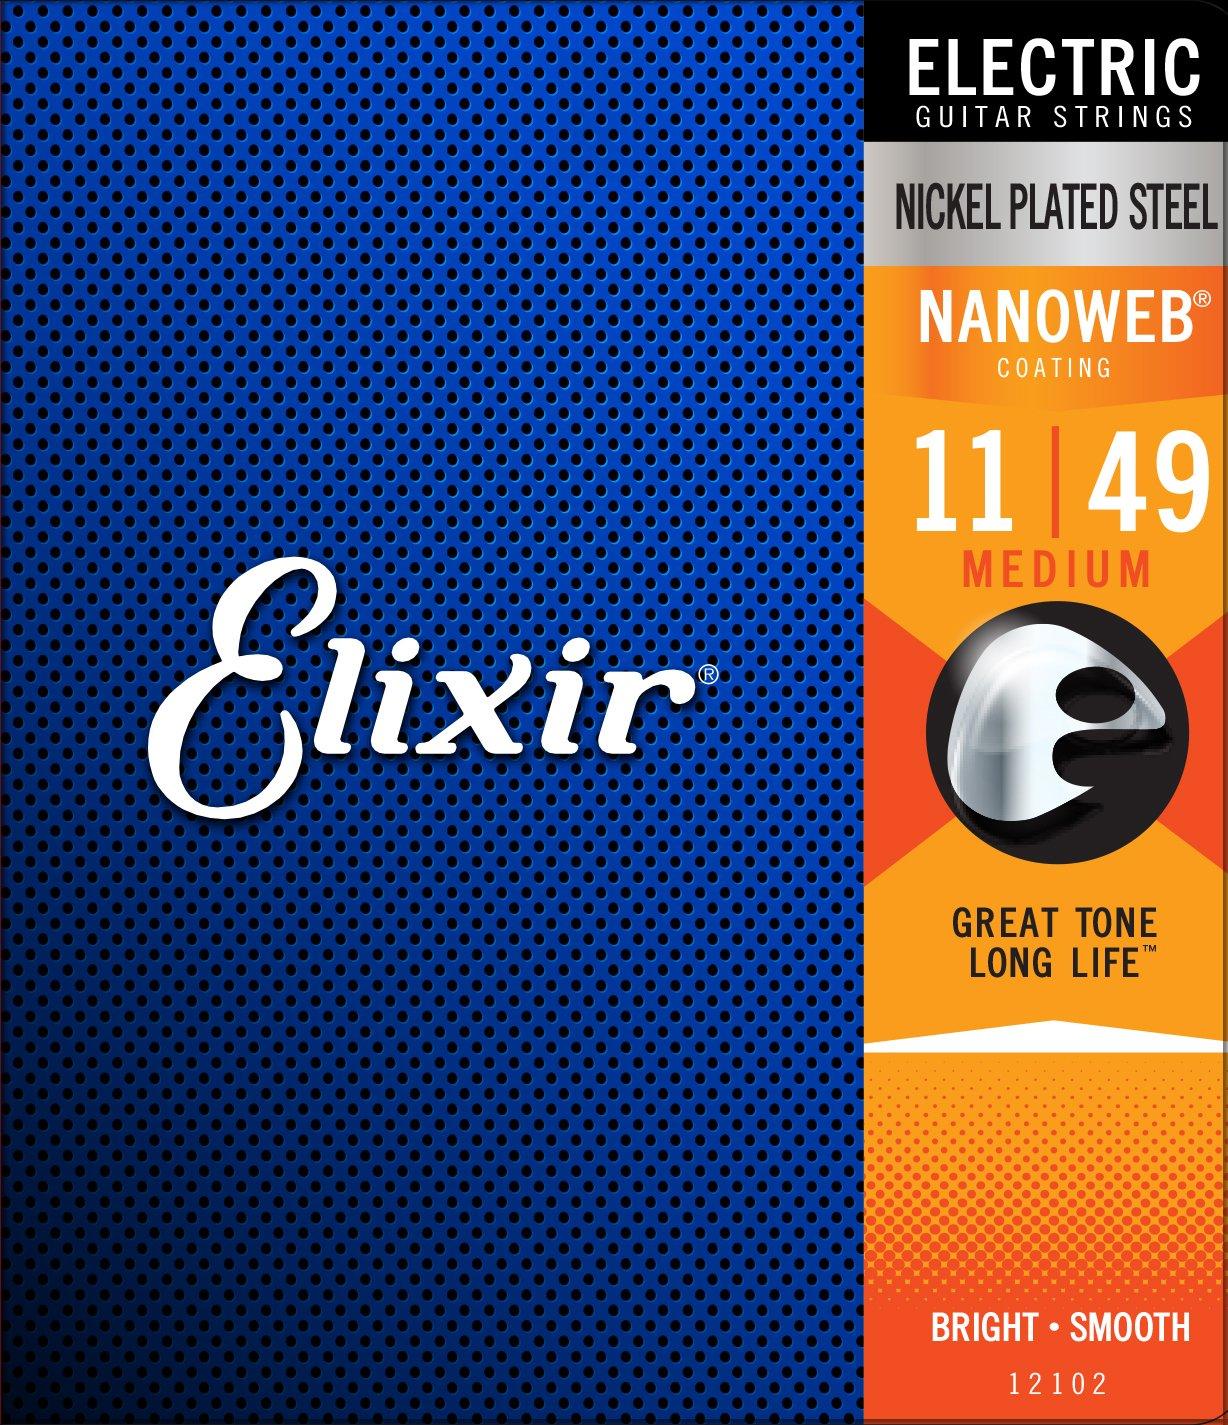 Elixir Nickel Plated Steel 12102 Electric Guitar Strings, NANOWEB, Medium, 11-49